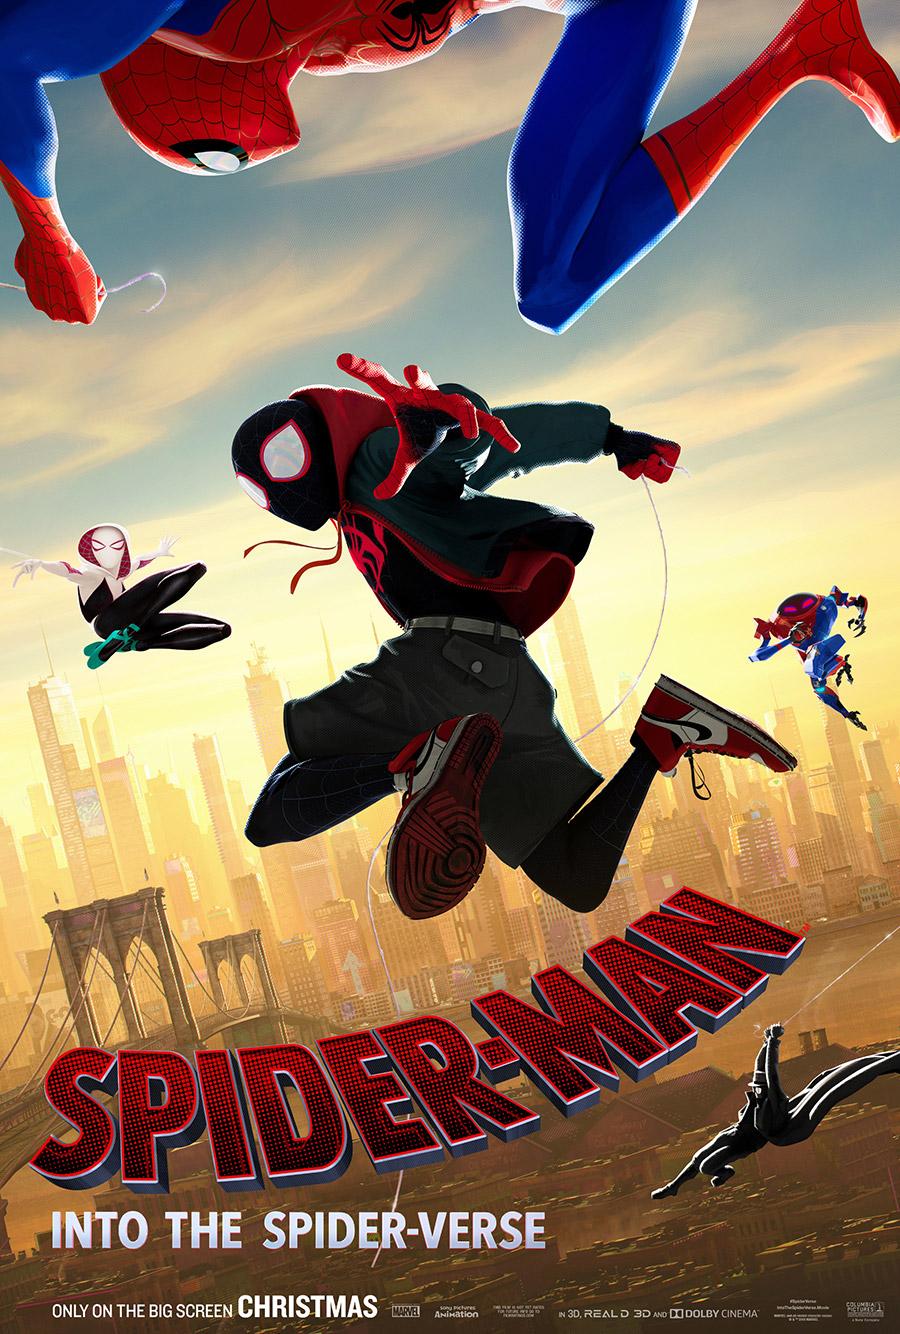 蜘蛛侠:平行宇宙高清大尺寸海报欣赏设计素材模板